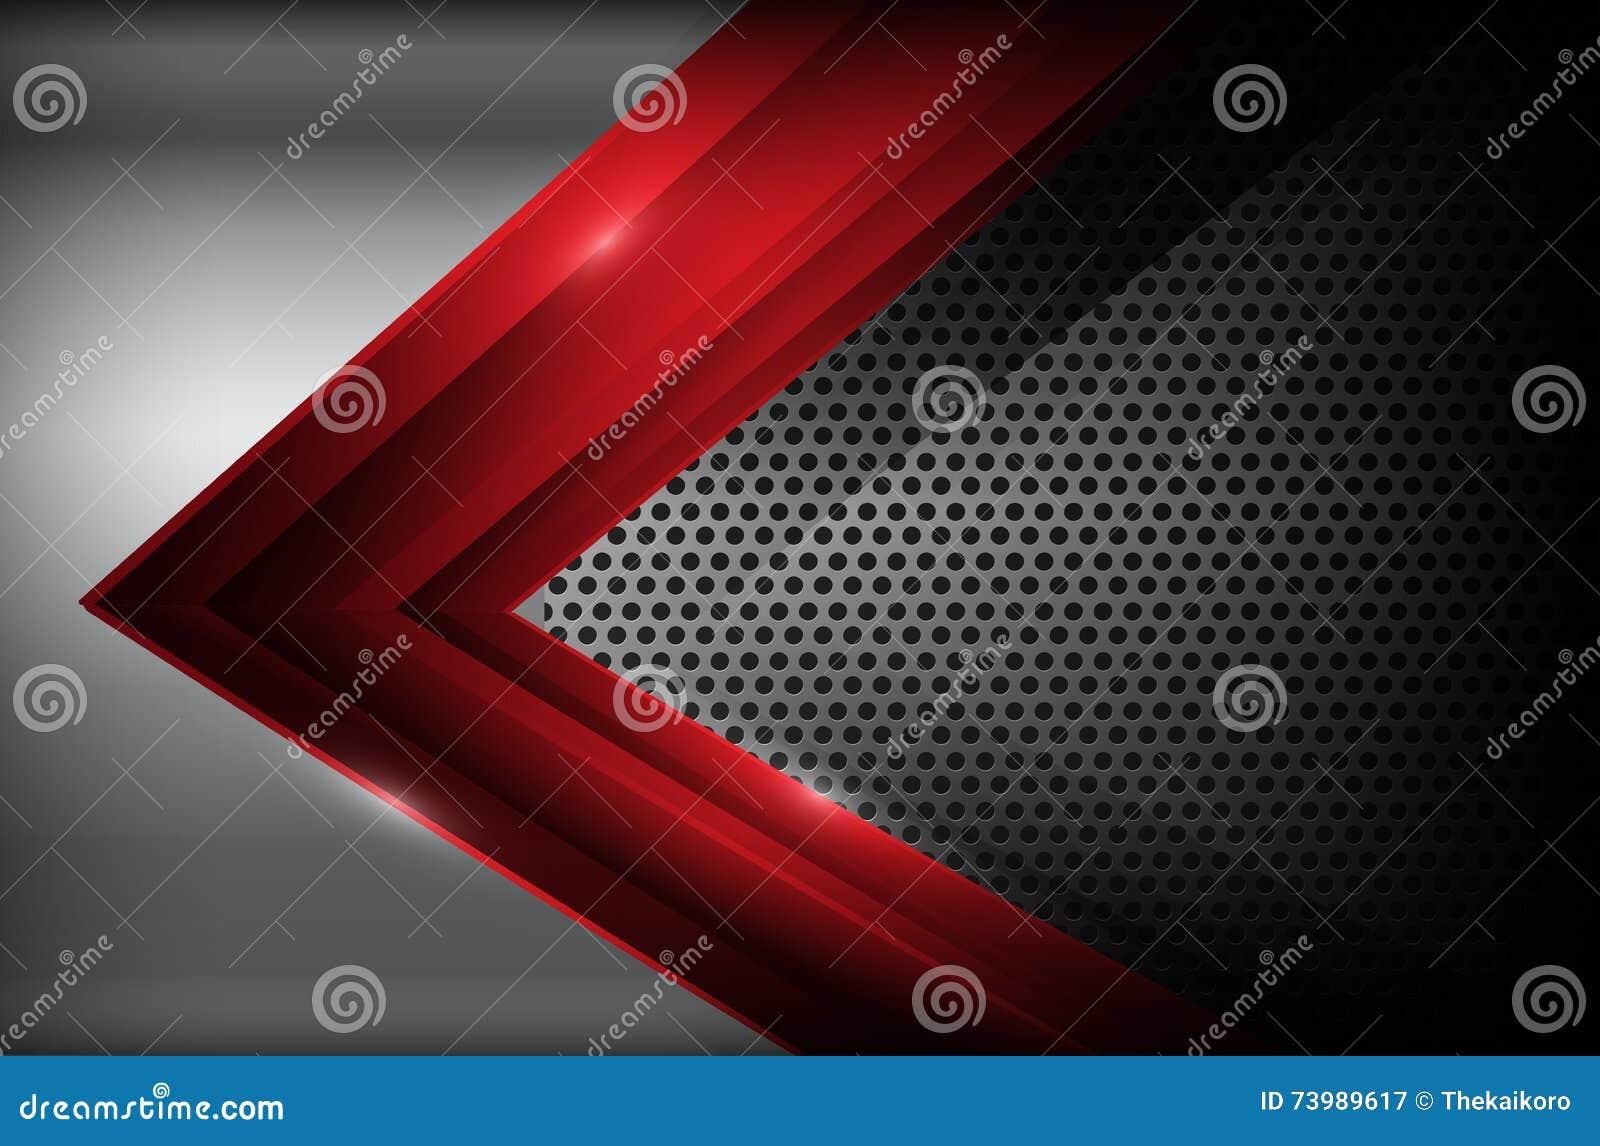 黑暗的铬钢和红色交叠元素提取背景ve